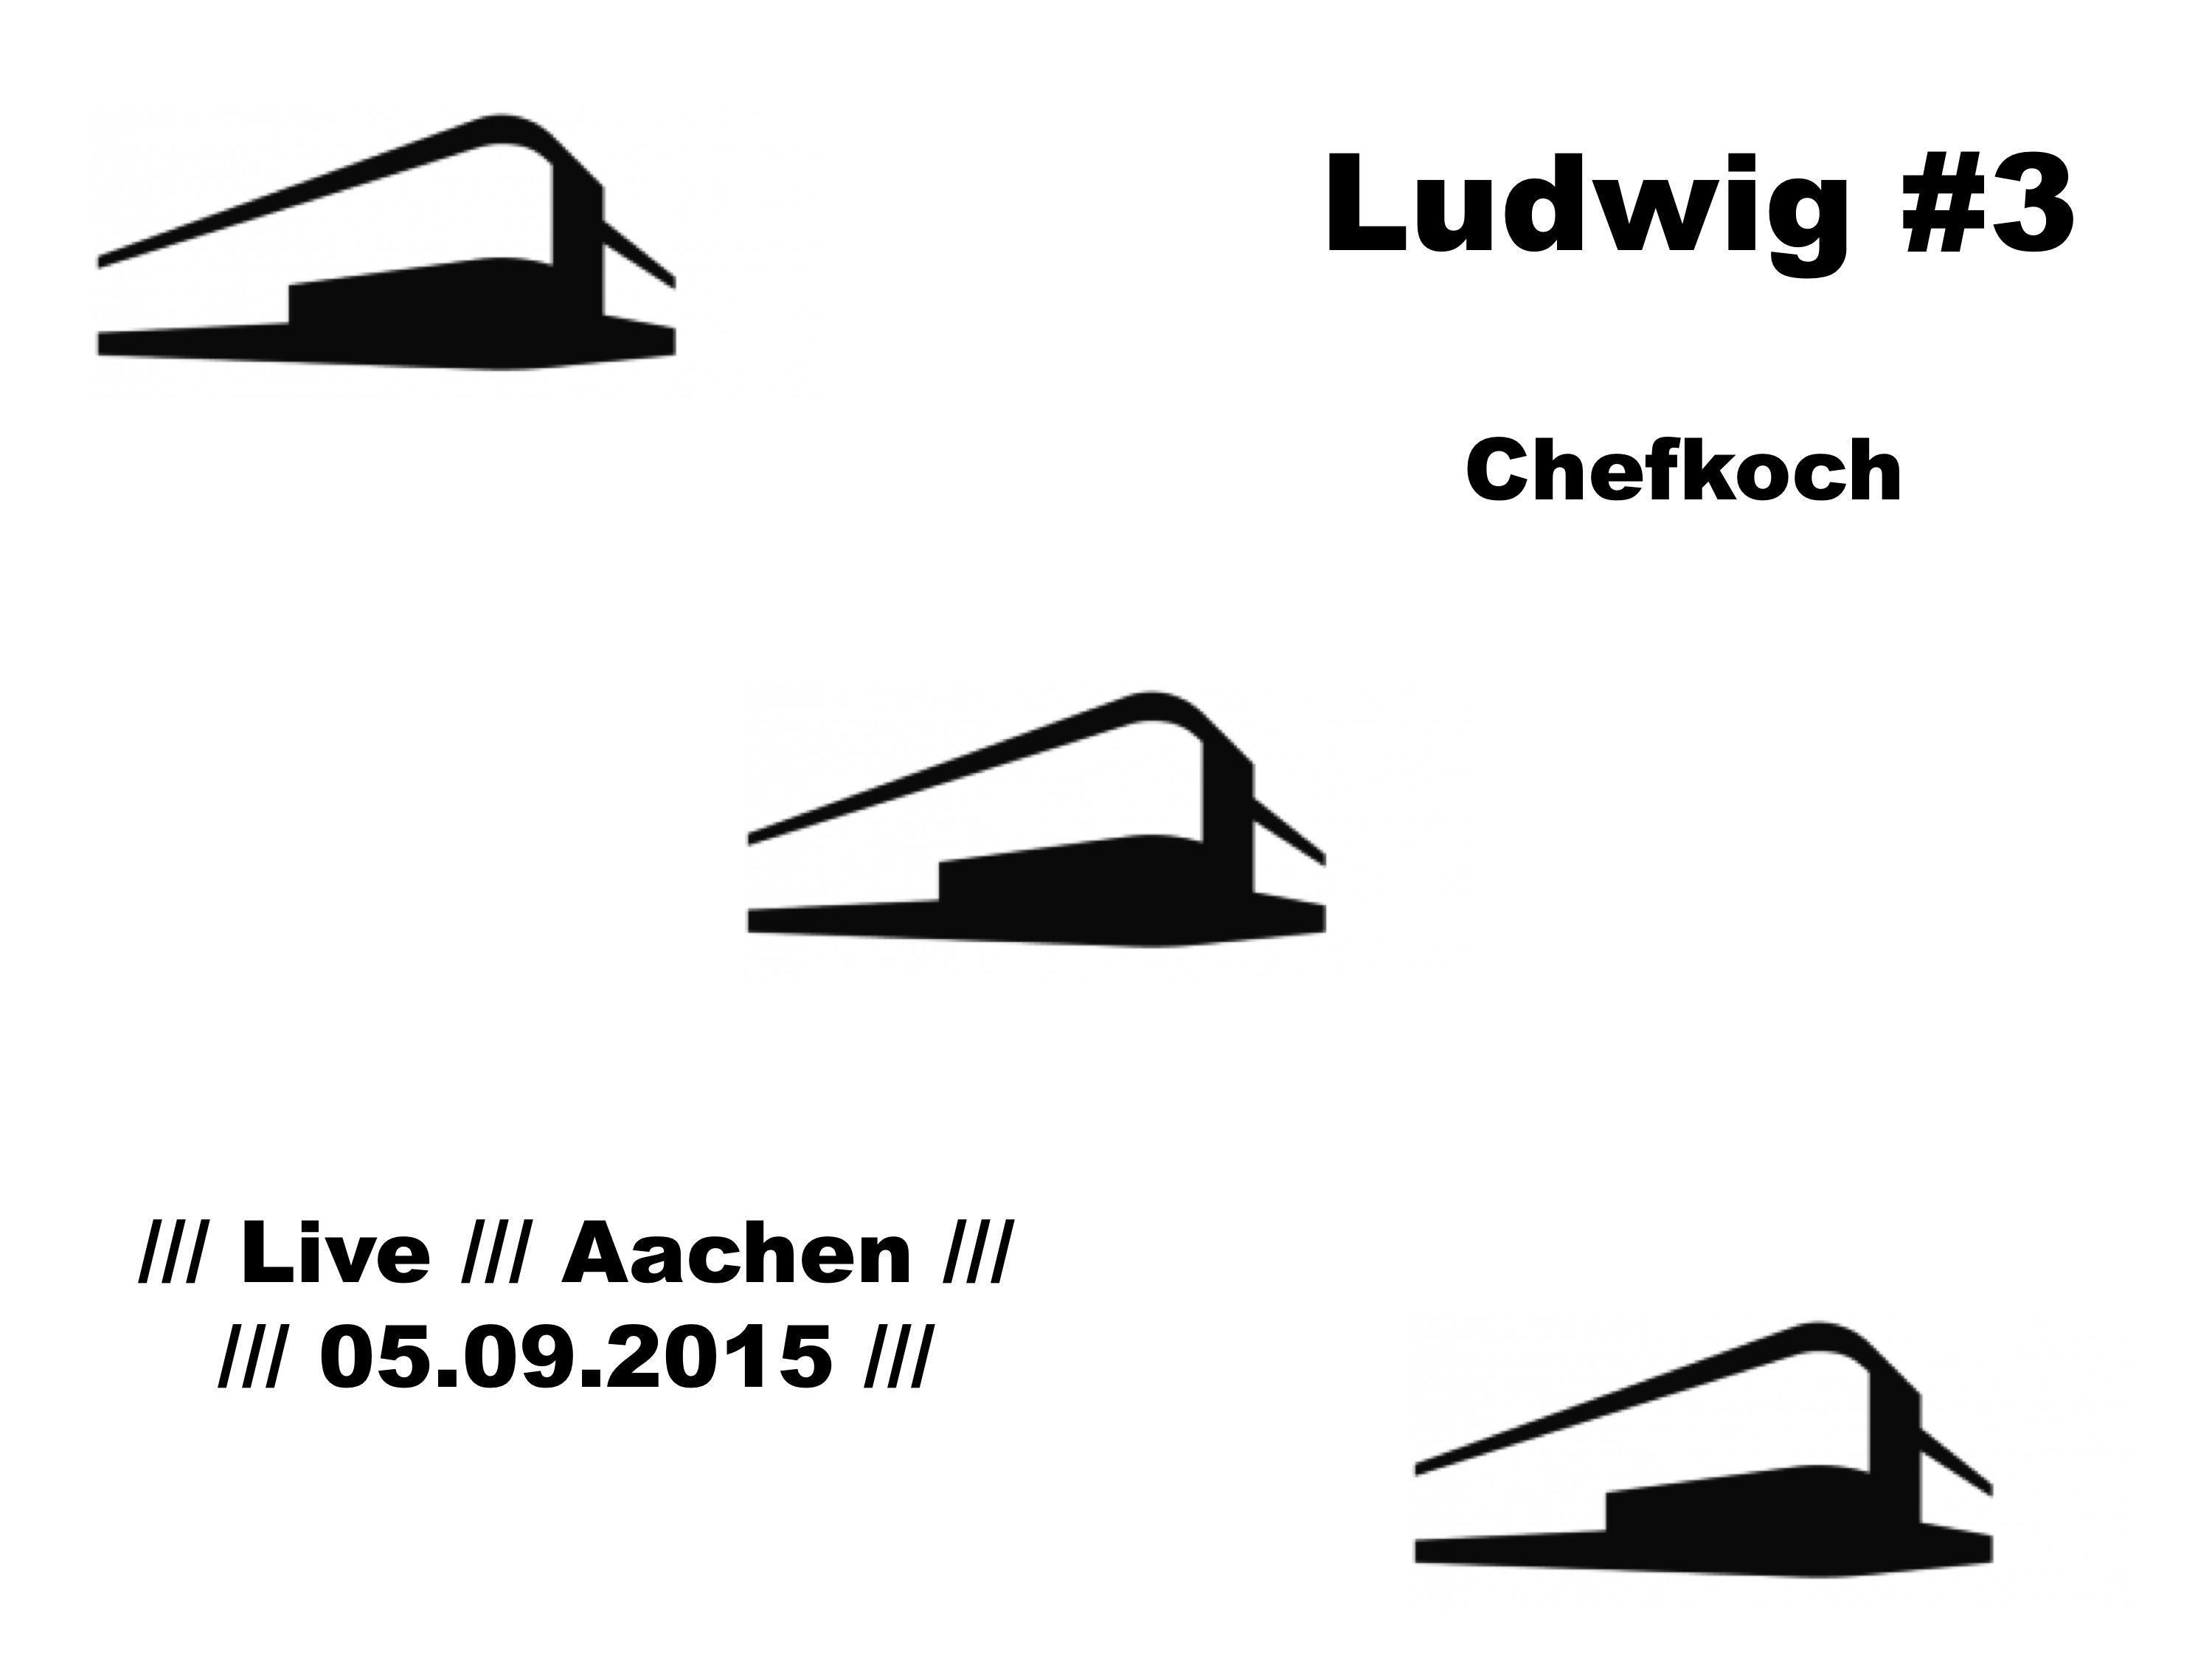 <!--:de-->Ludwig#3 /// Live /// 05.09.2015 – Chefkoch<!--:--><!--:en-->Ludwig#3 /// Live /// 05.09.2015 – Chefkoch<!--:-->